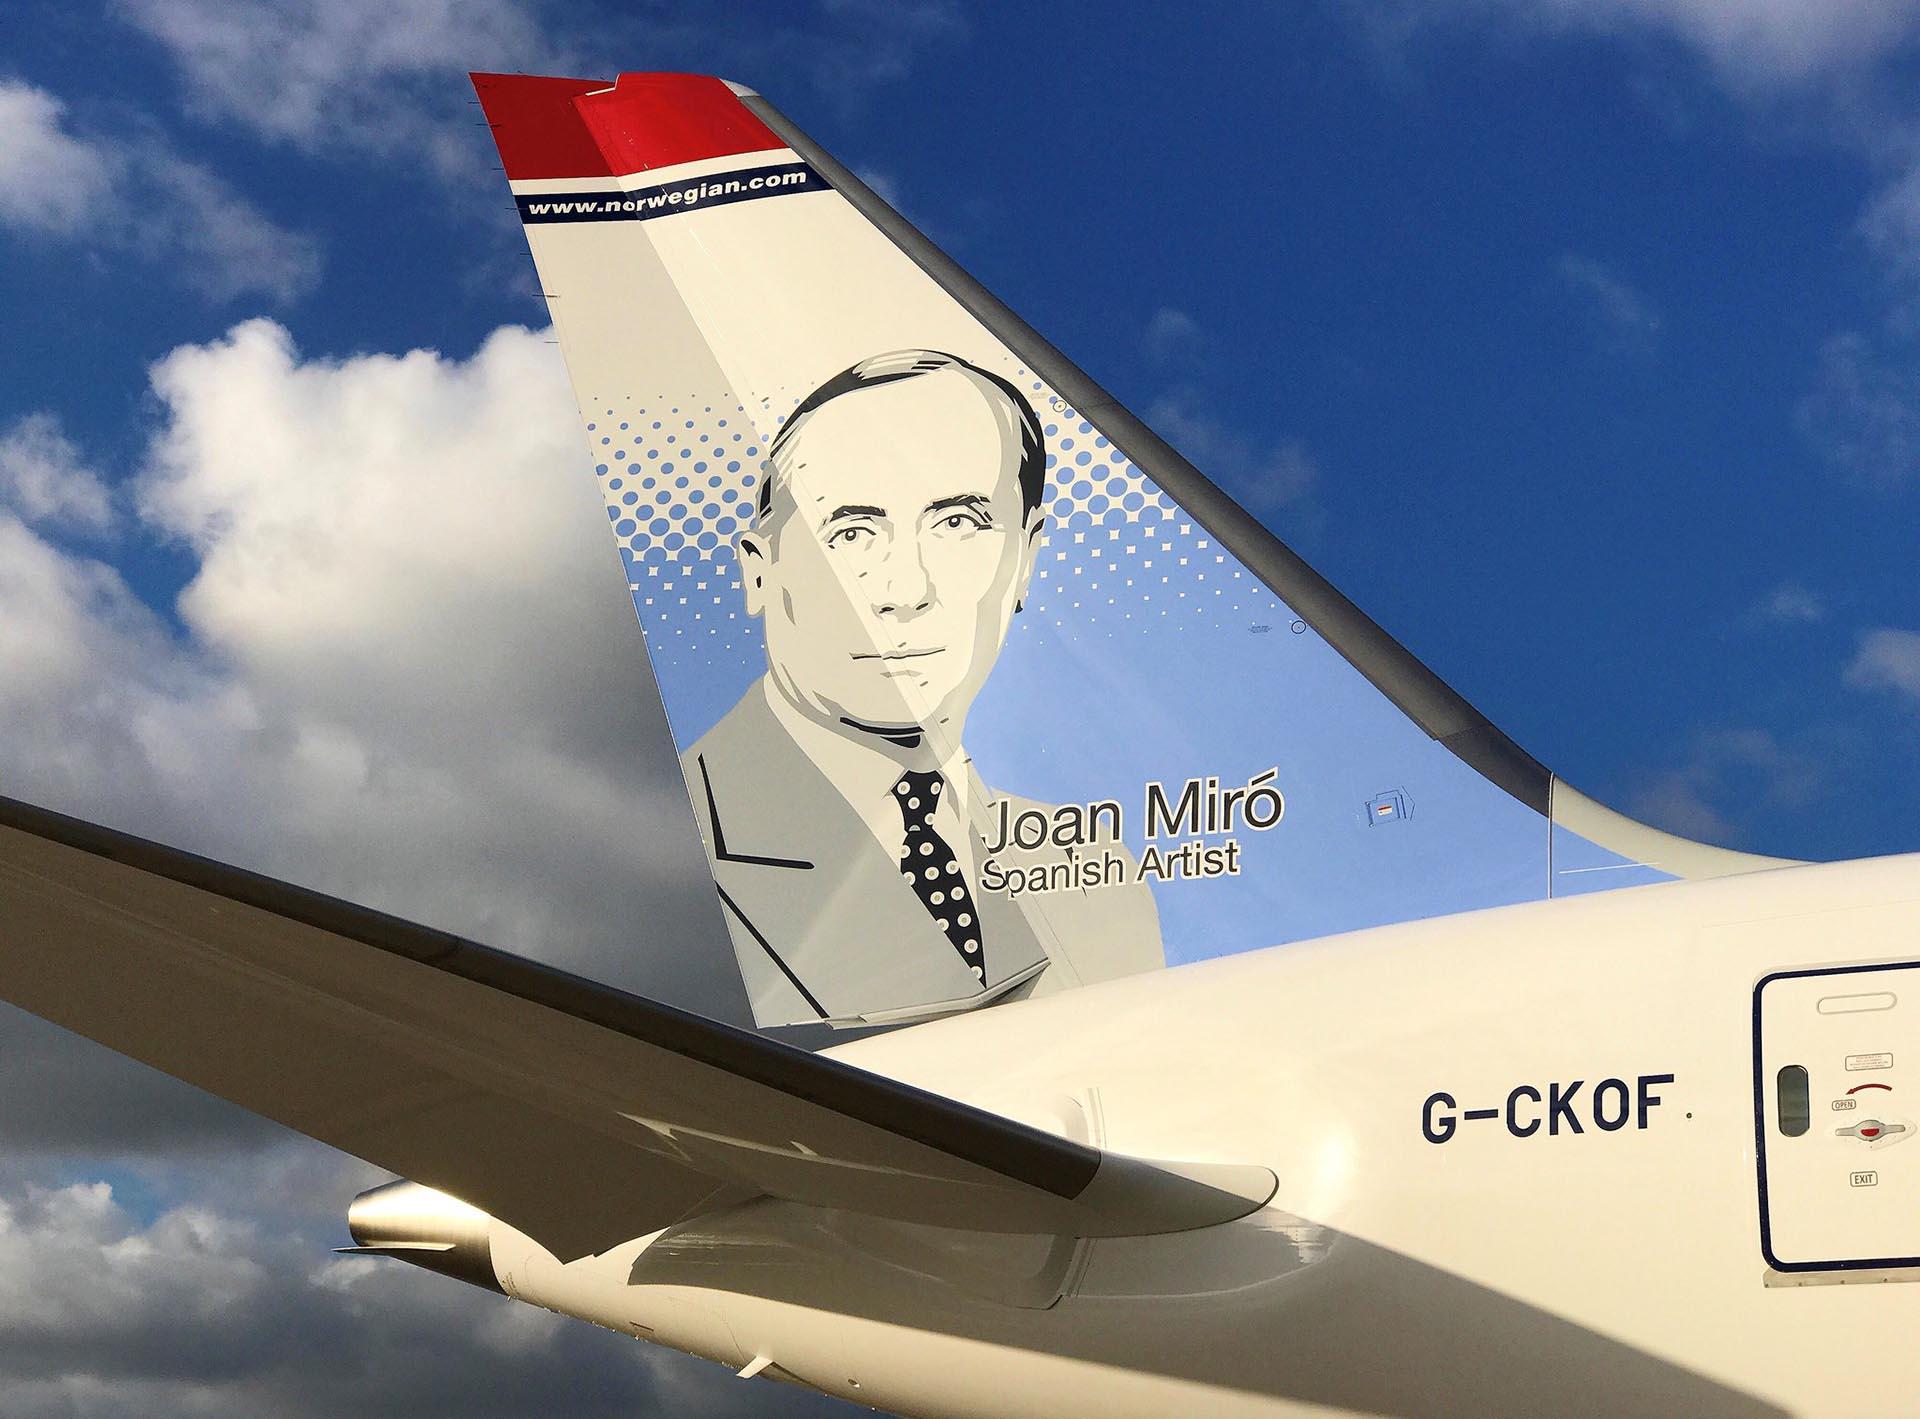 El avión que llegará al país tiene la imagen de Joan Miró